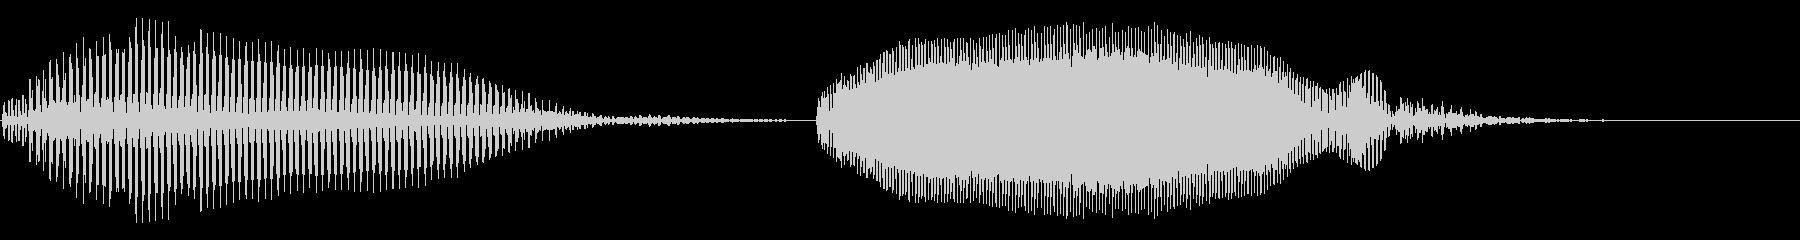 明るいトランペットの未再生の波形